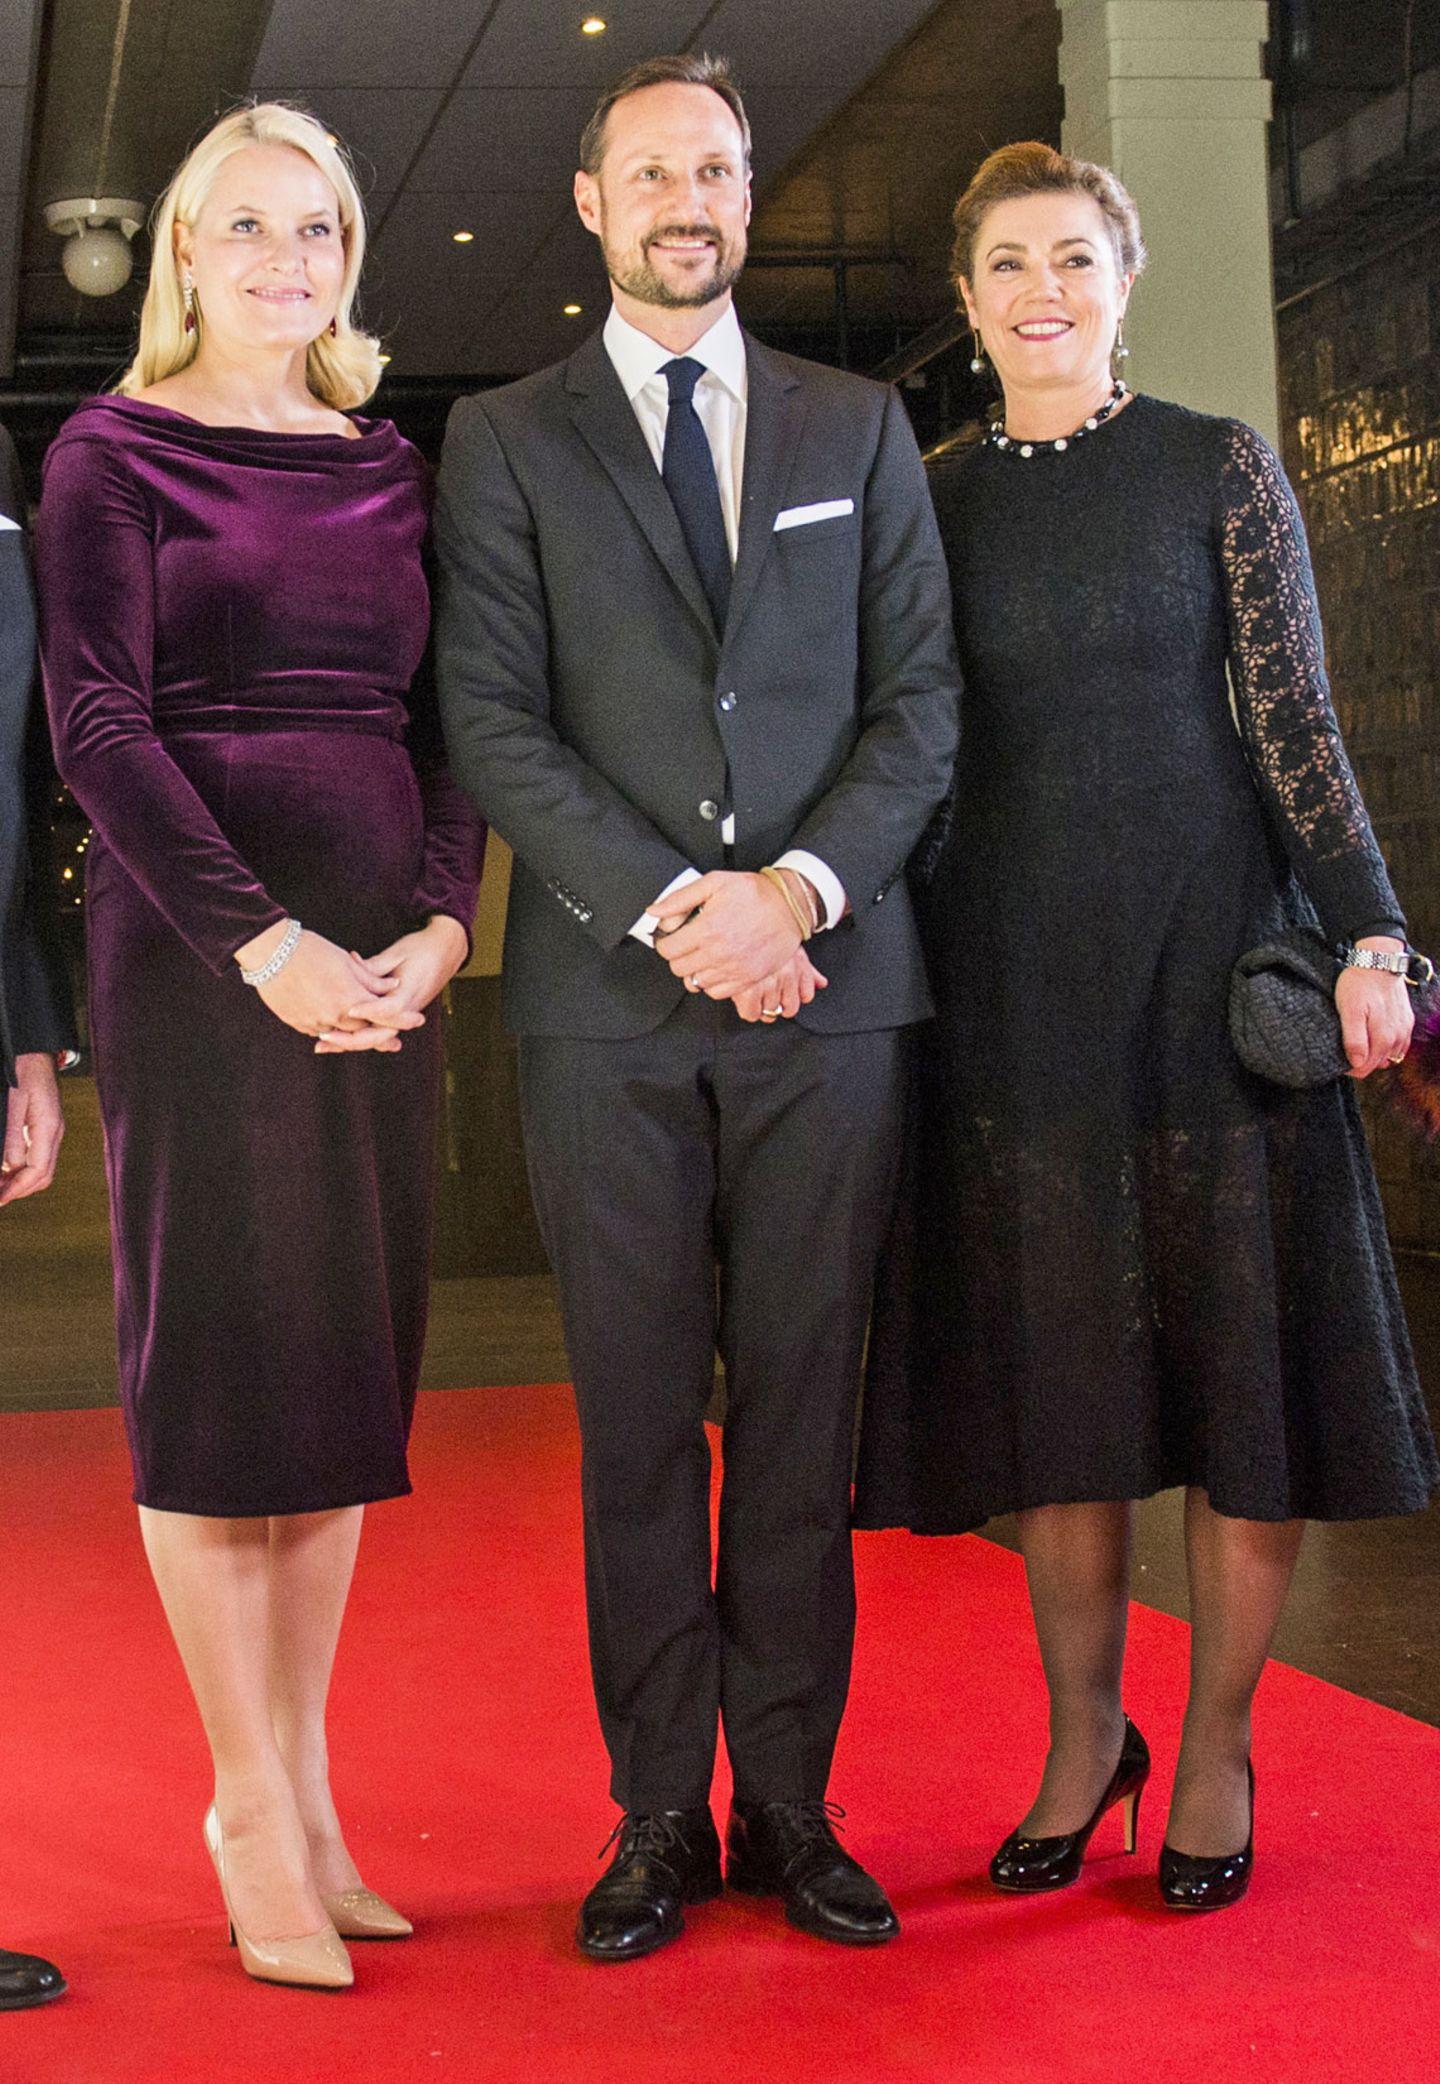 Kronprinzessin Mette-Marit von Norwegen besucht in einem schmalen Samtkleid ein Dinner der NHO-Jahreskonferenz. Aber ob diese dunkelrote Robe wirklich so vorteilhaft an der schönen Blondine aussieht?! Fraglich.